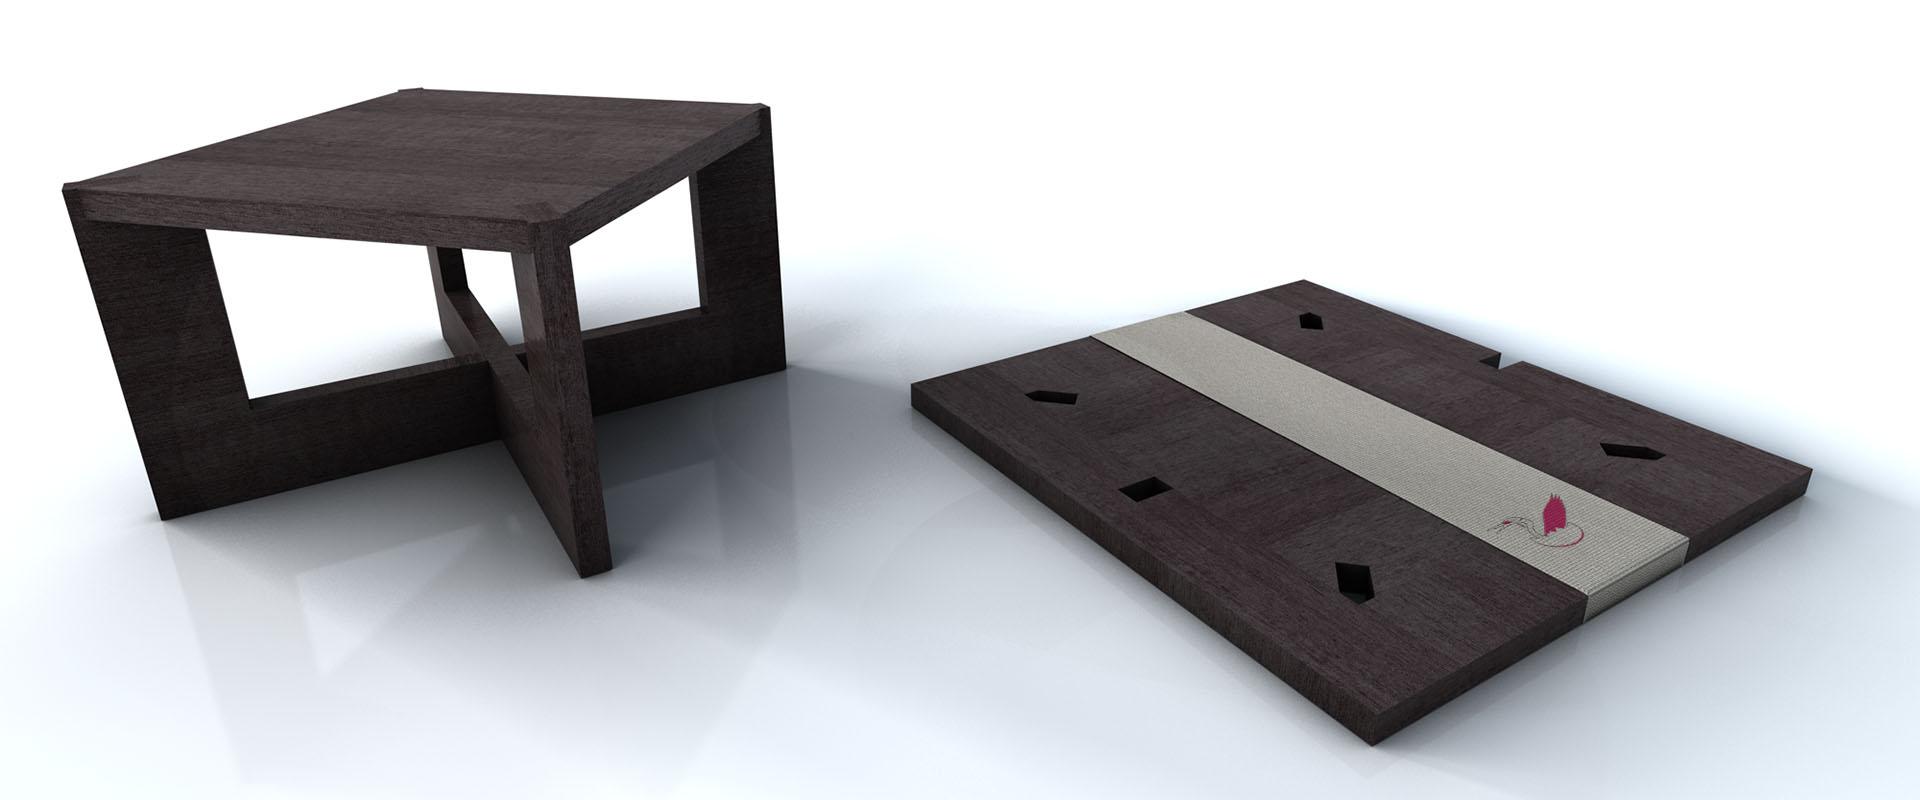 aironic_ugo_capparelli_design_industriale_tavolo_3d_cam